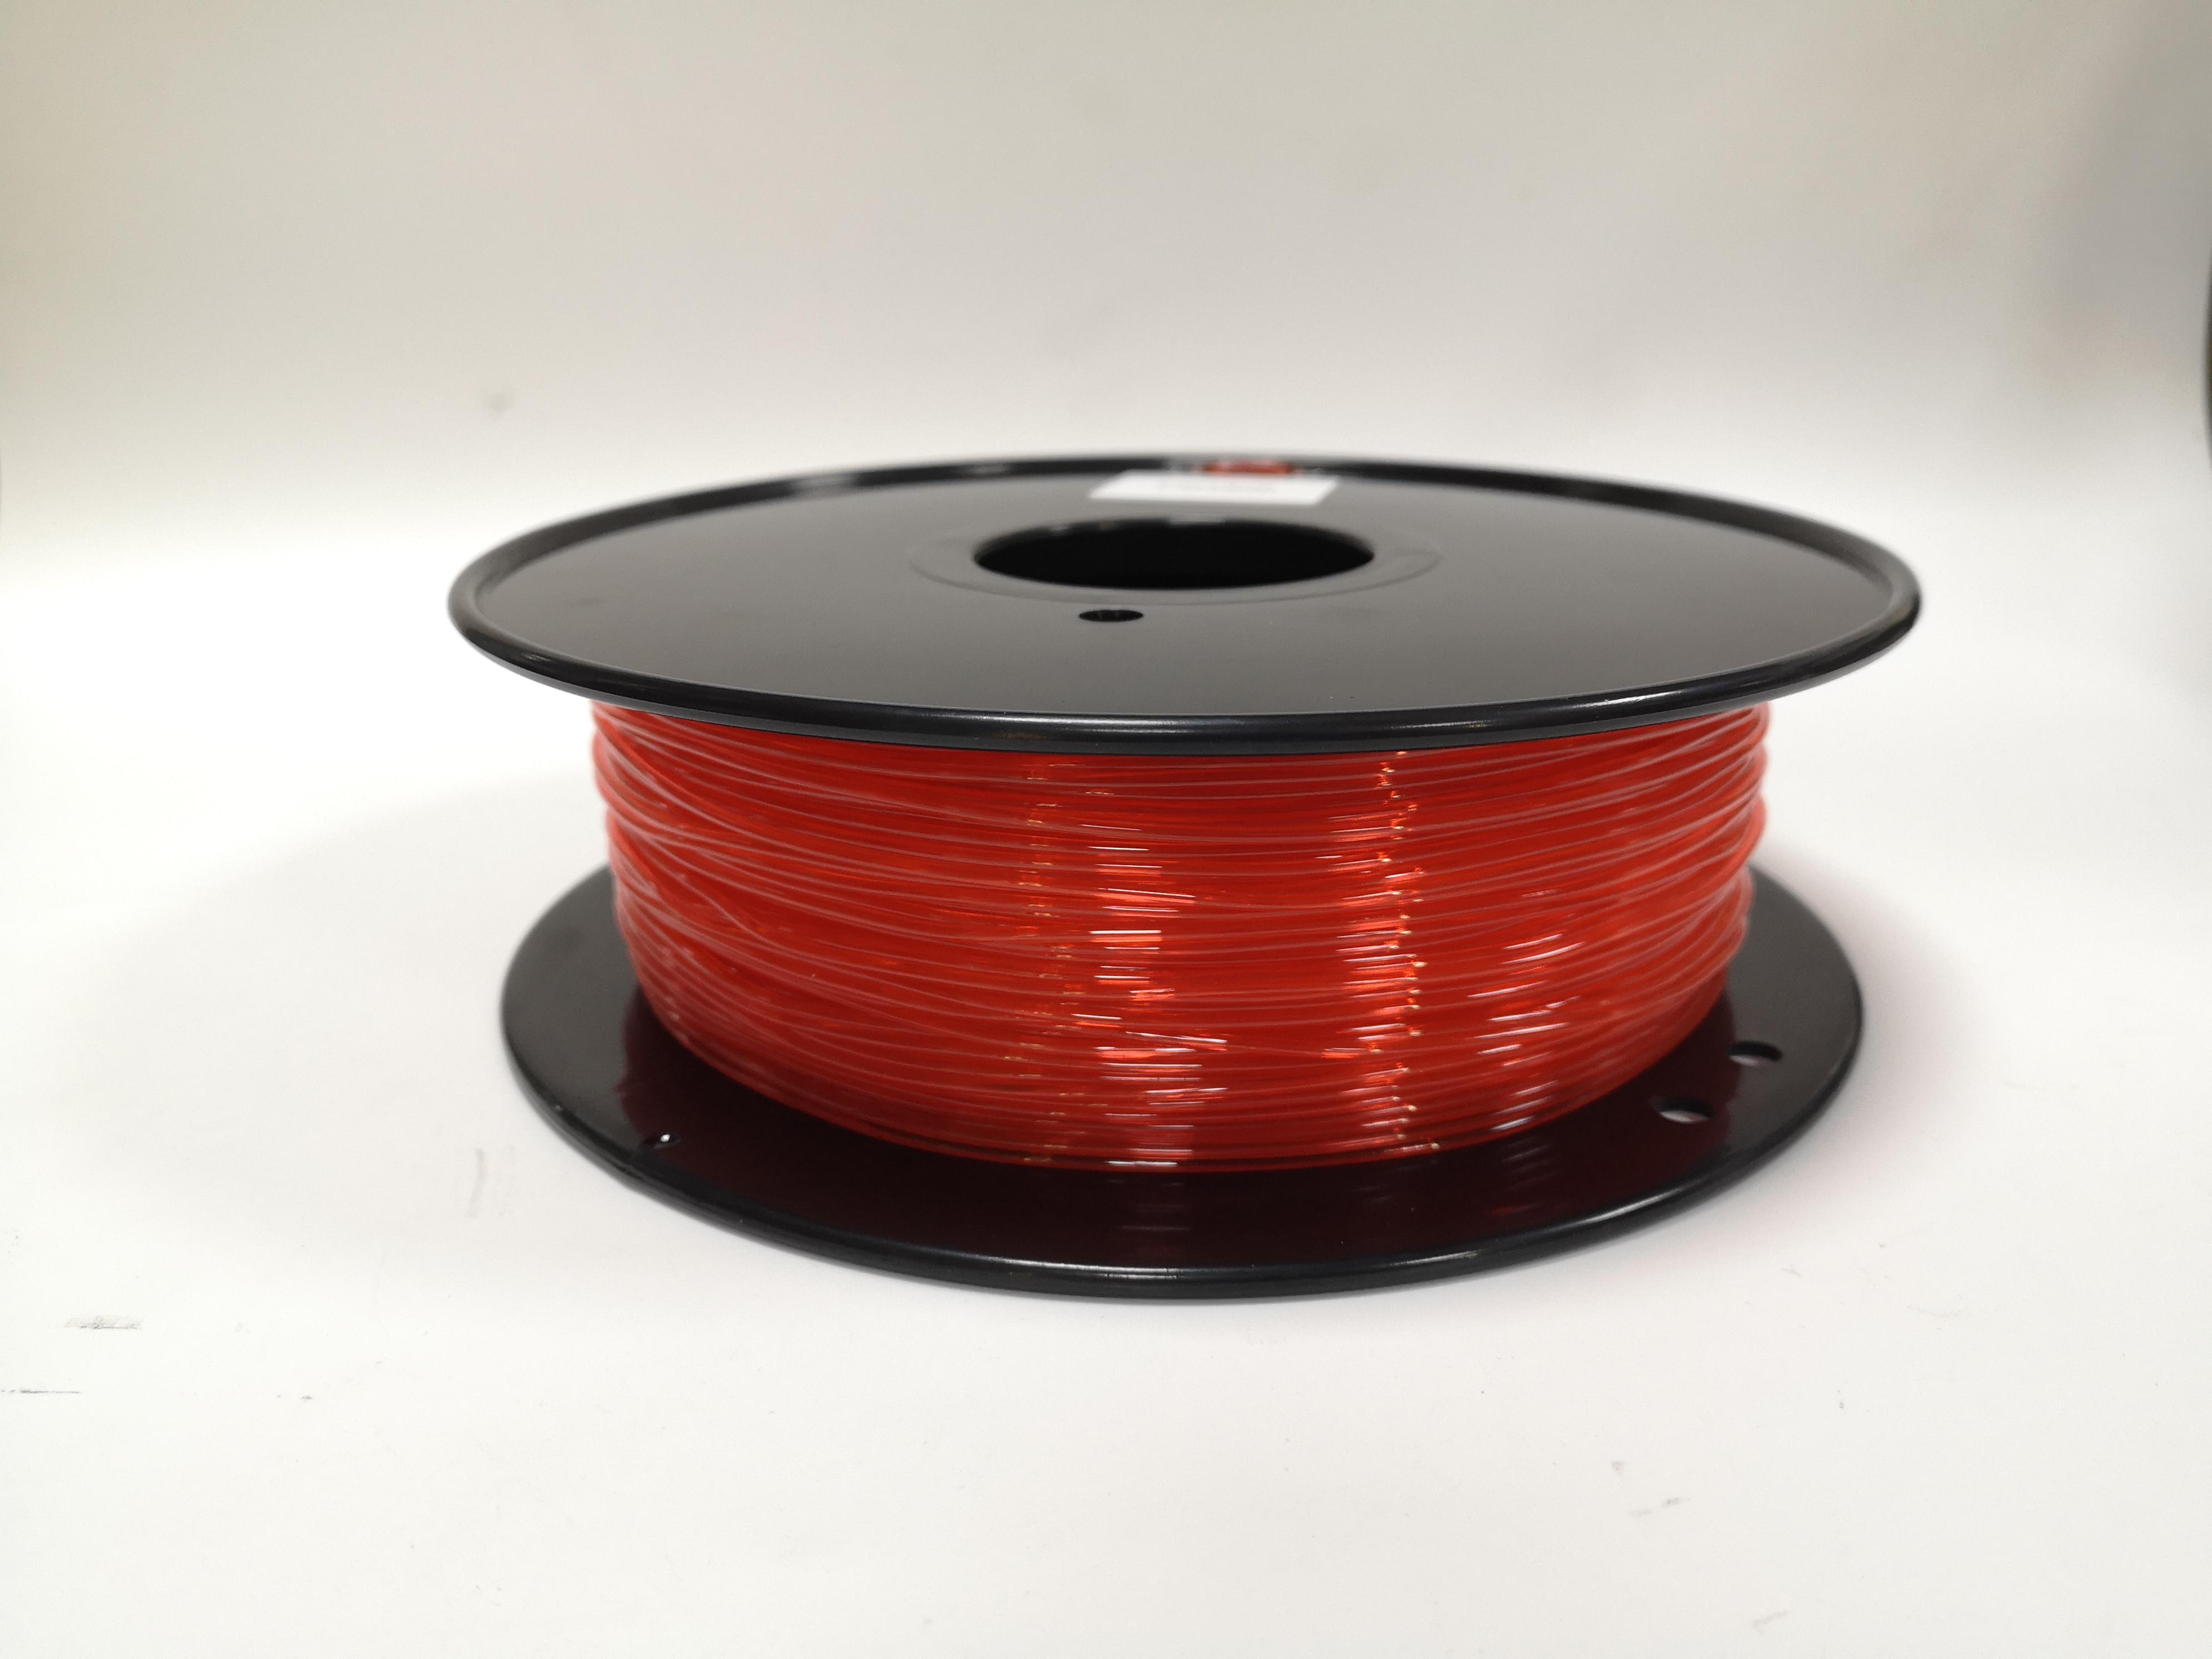 德之健 珊瑚橙色 Flexible弹性 柔性耗材 3d打印机耗材 TPU 抗老化